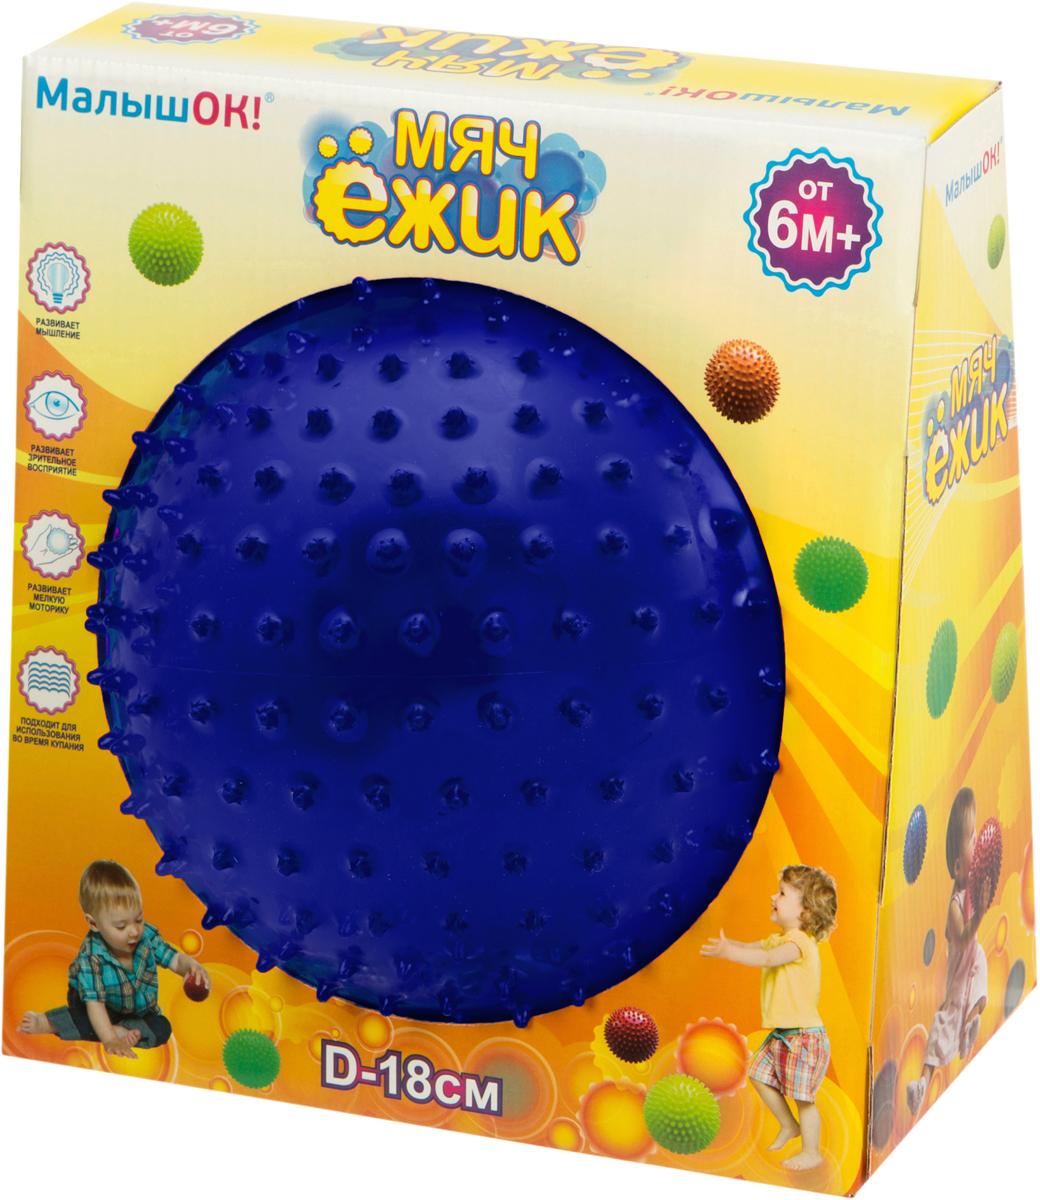 Альпина Пласт Мяч Ежик цвет синий, 18 см6022041032Мяч Ёжик - это увлекательная игрушка для детей в возрасте от 6 месяцев. Мяч отлично подходит для игры дома и в дошкольных учреждениях. Занятия всегда можно превратить в увлекательную, весёлую и полезную игру, которая способствует тренировке реакции, координации, развитию цветового и тактильного восприятия. • Изготовлен из экологически чистого, безопасного и прочного материала,• Способствует развитию зрительного восприятия и мелкой моторики,• Подходит для использования во время купания в ванной.